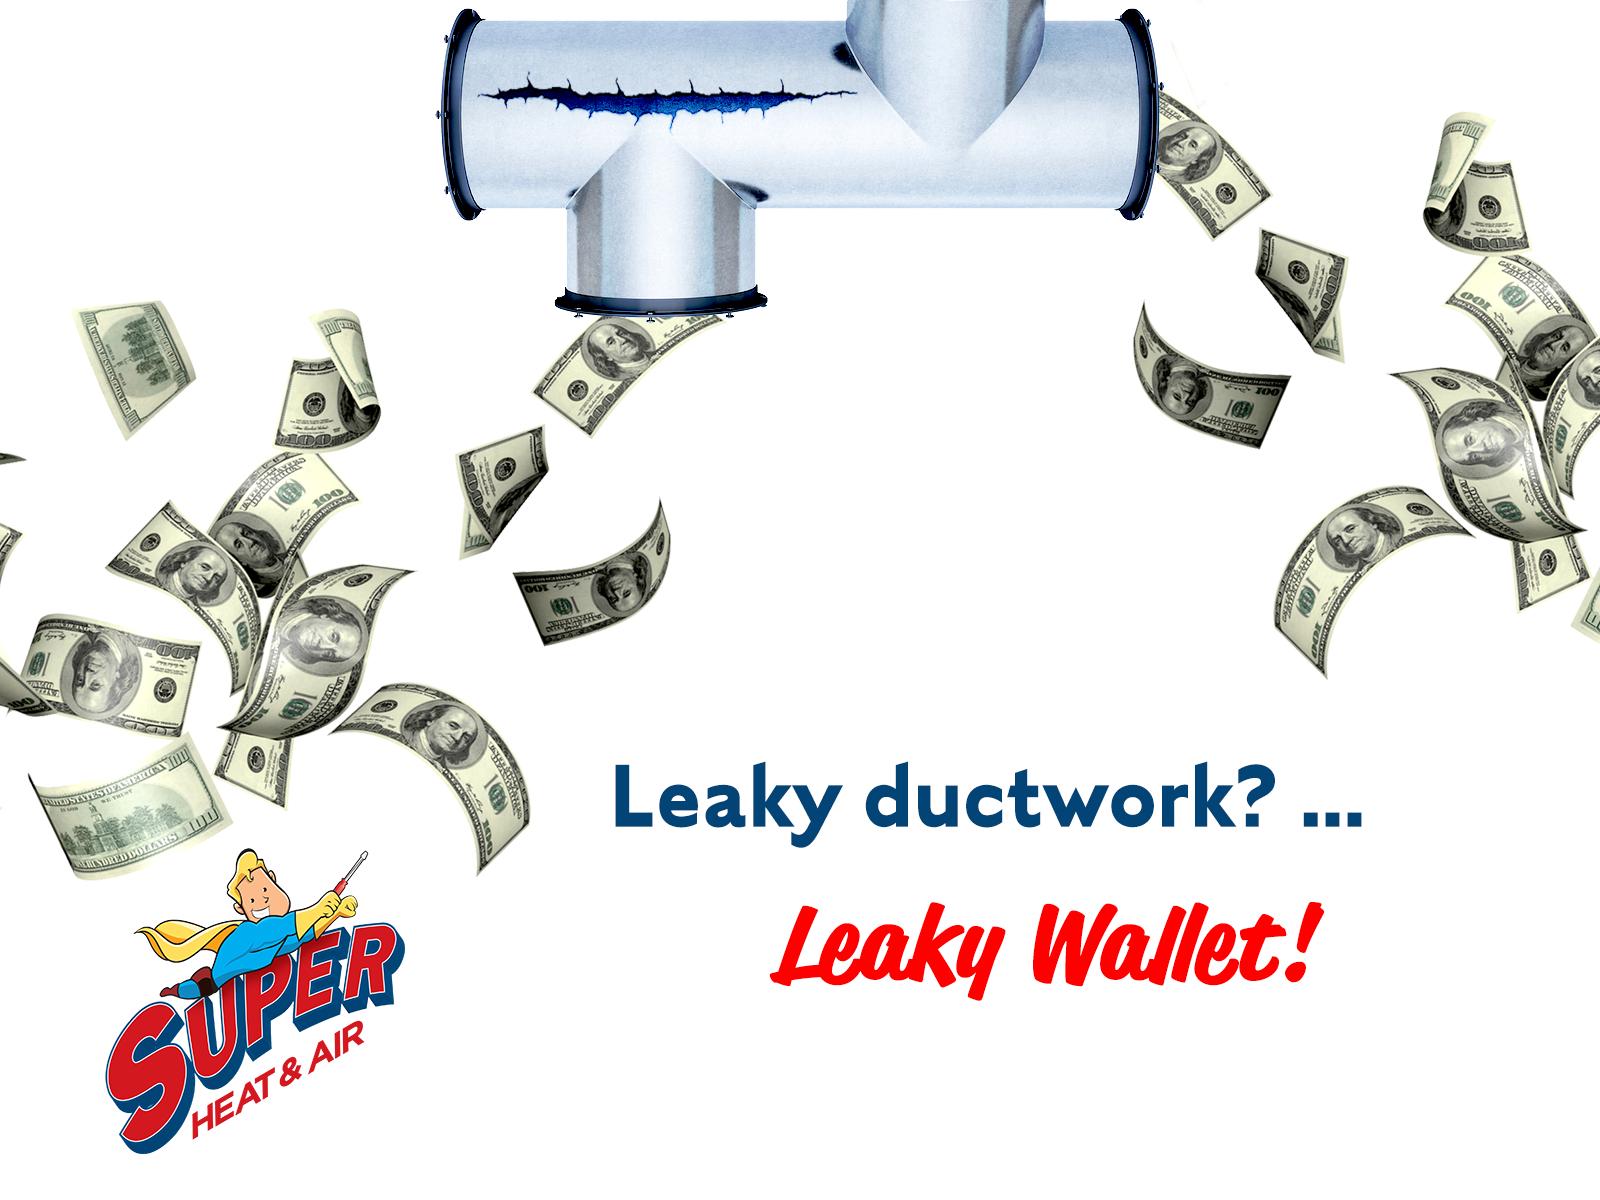 LeakyDucts LeakyWallet HVAC tampabay Ac repair